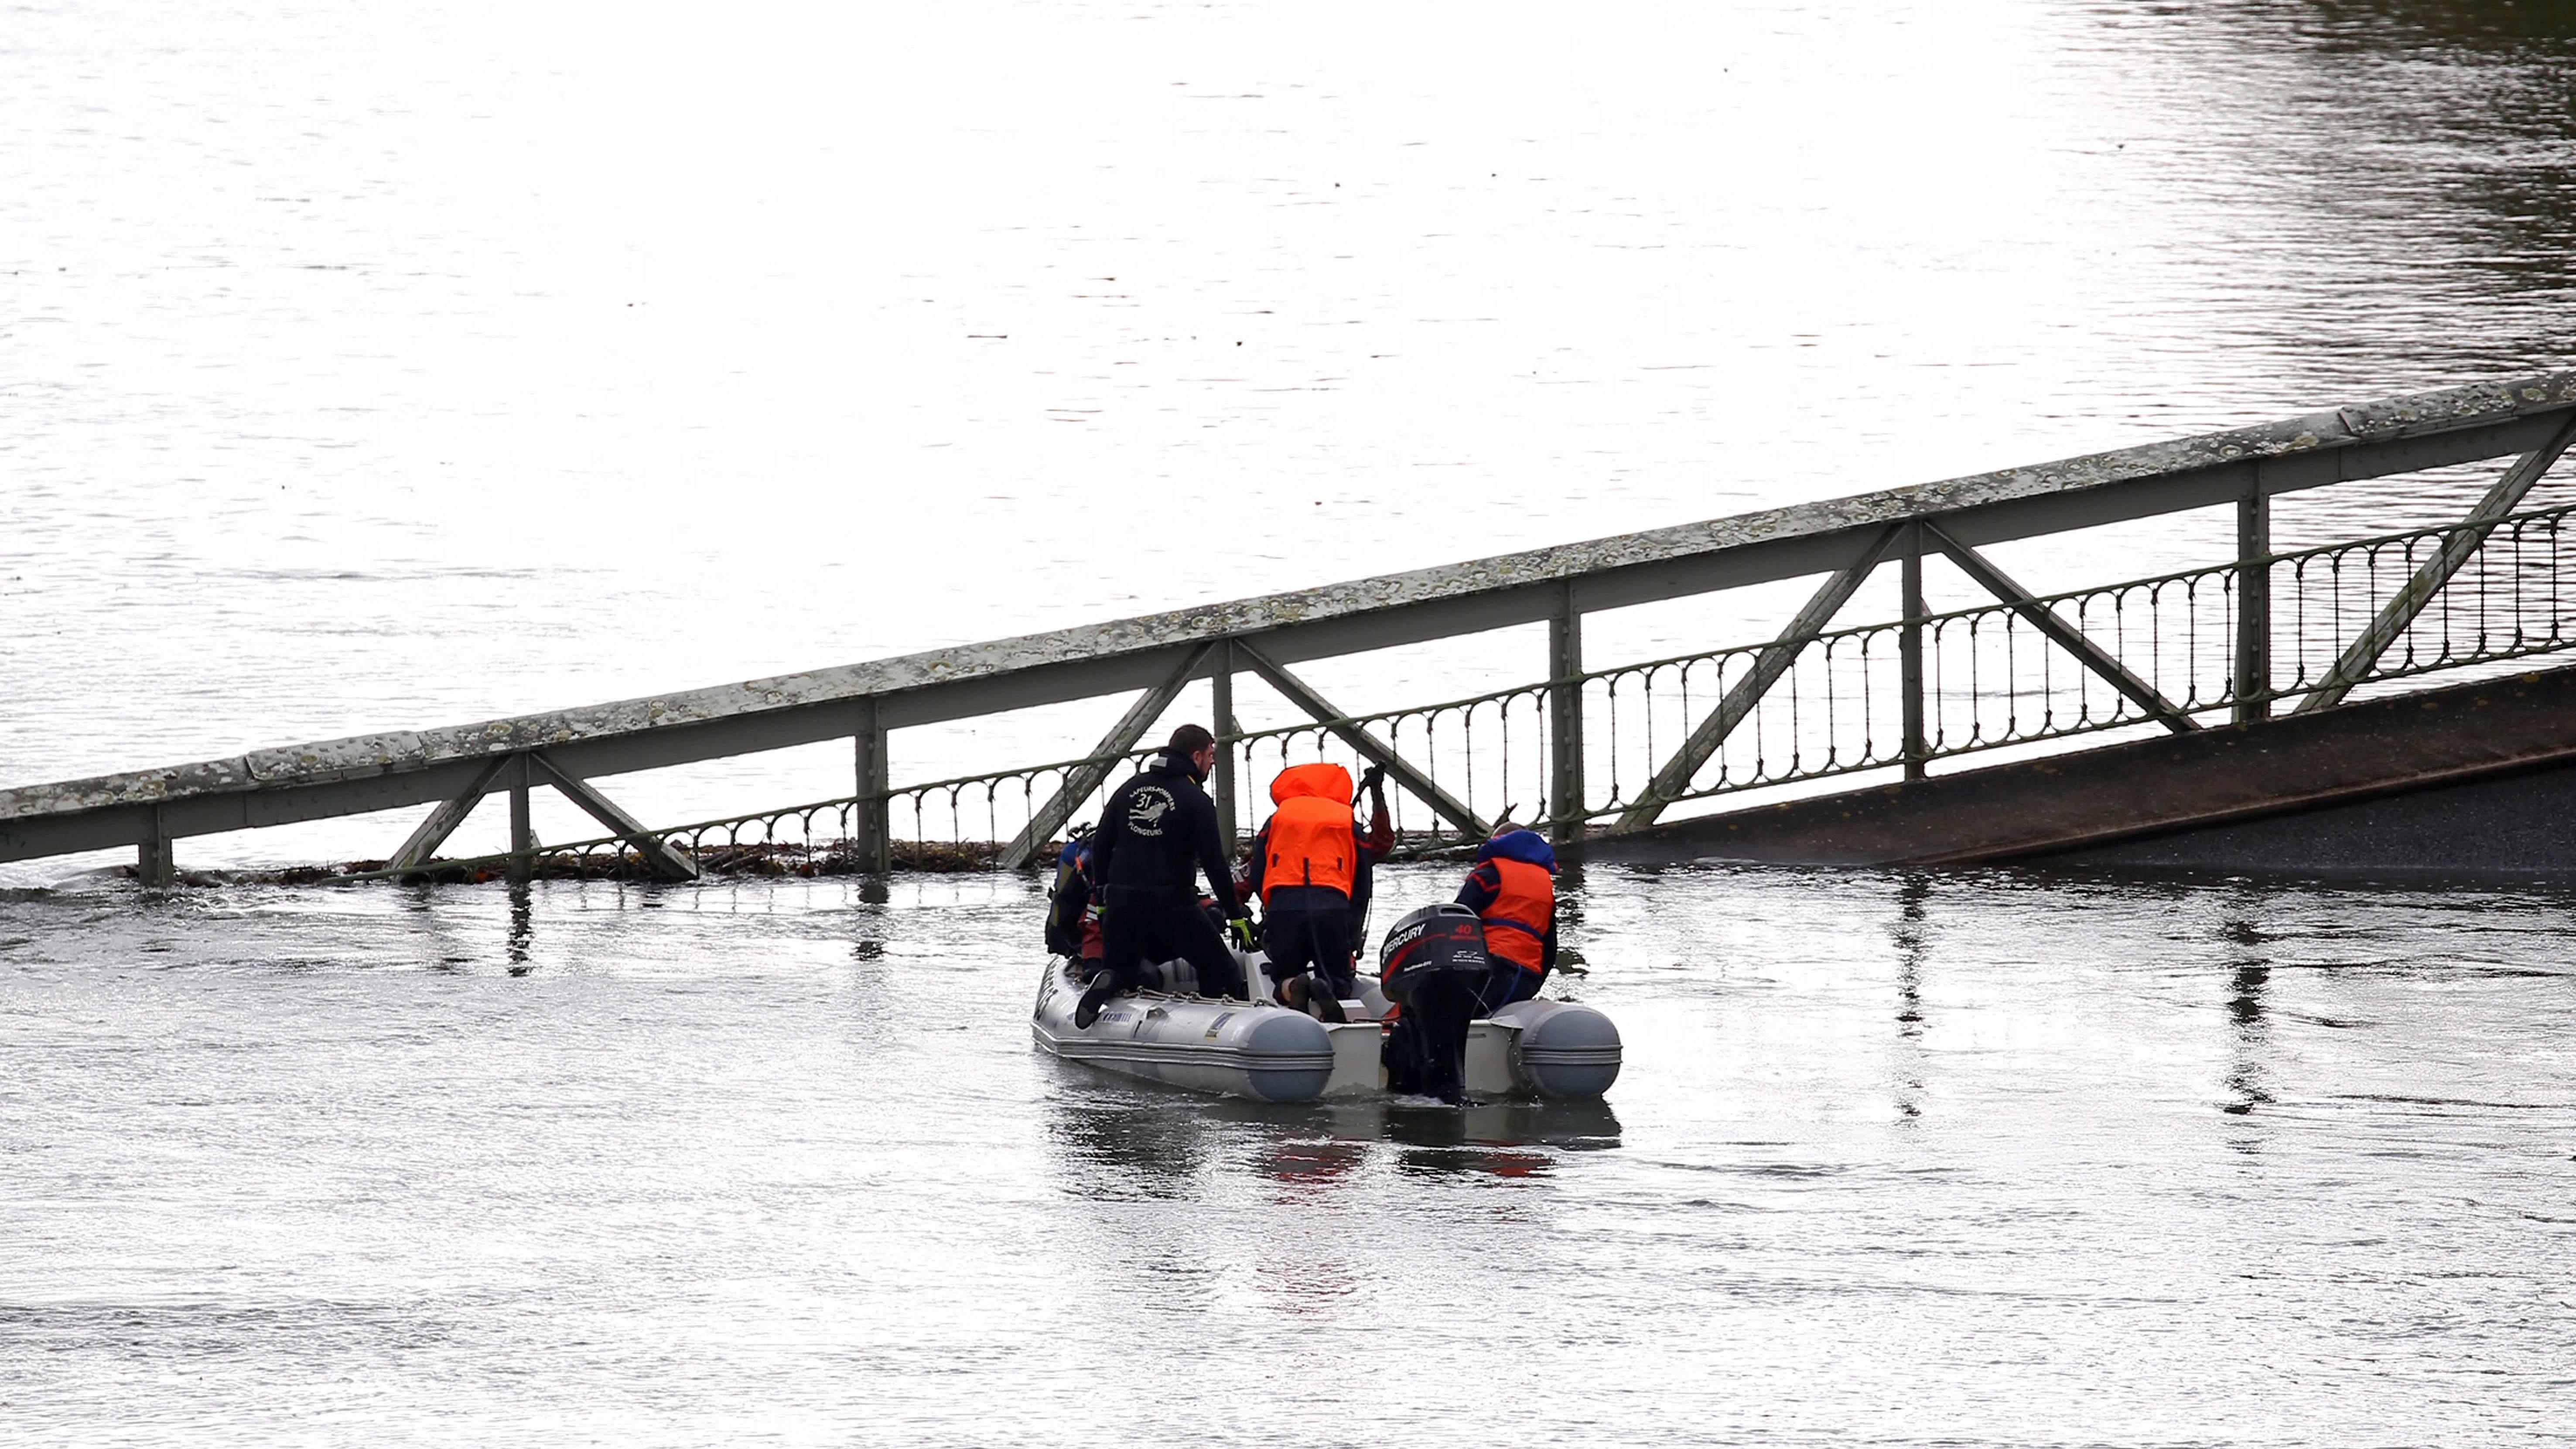 Pelastustyöntekijät kumiveneessä joessa olevan sillan luona.